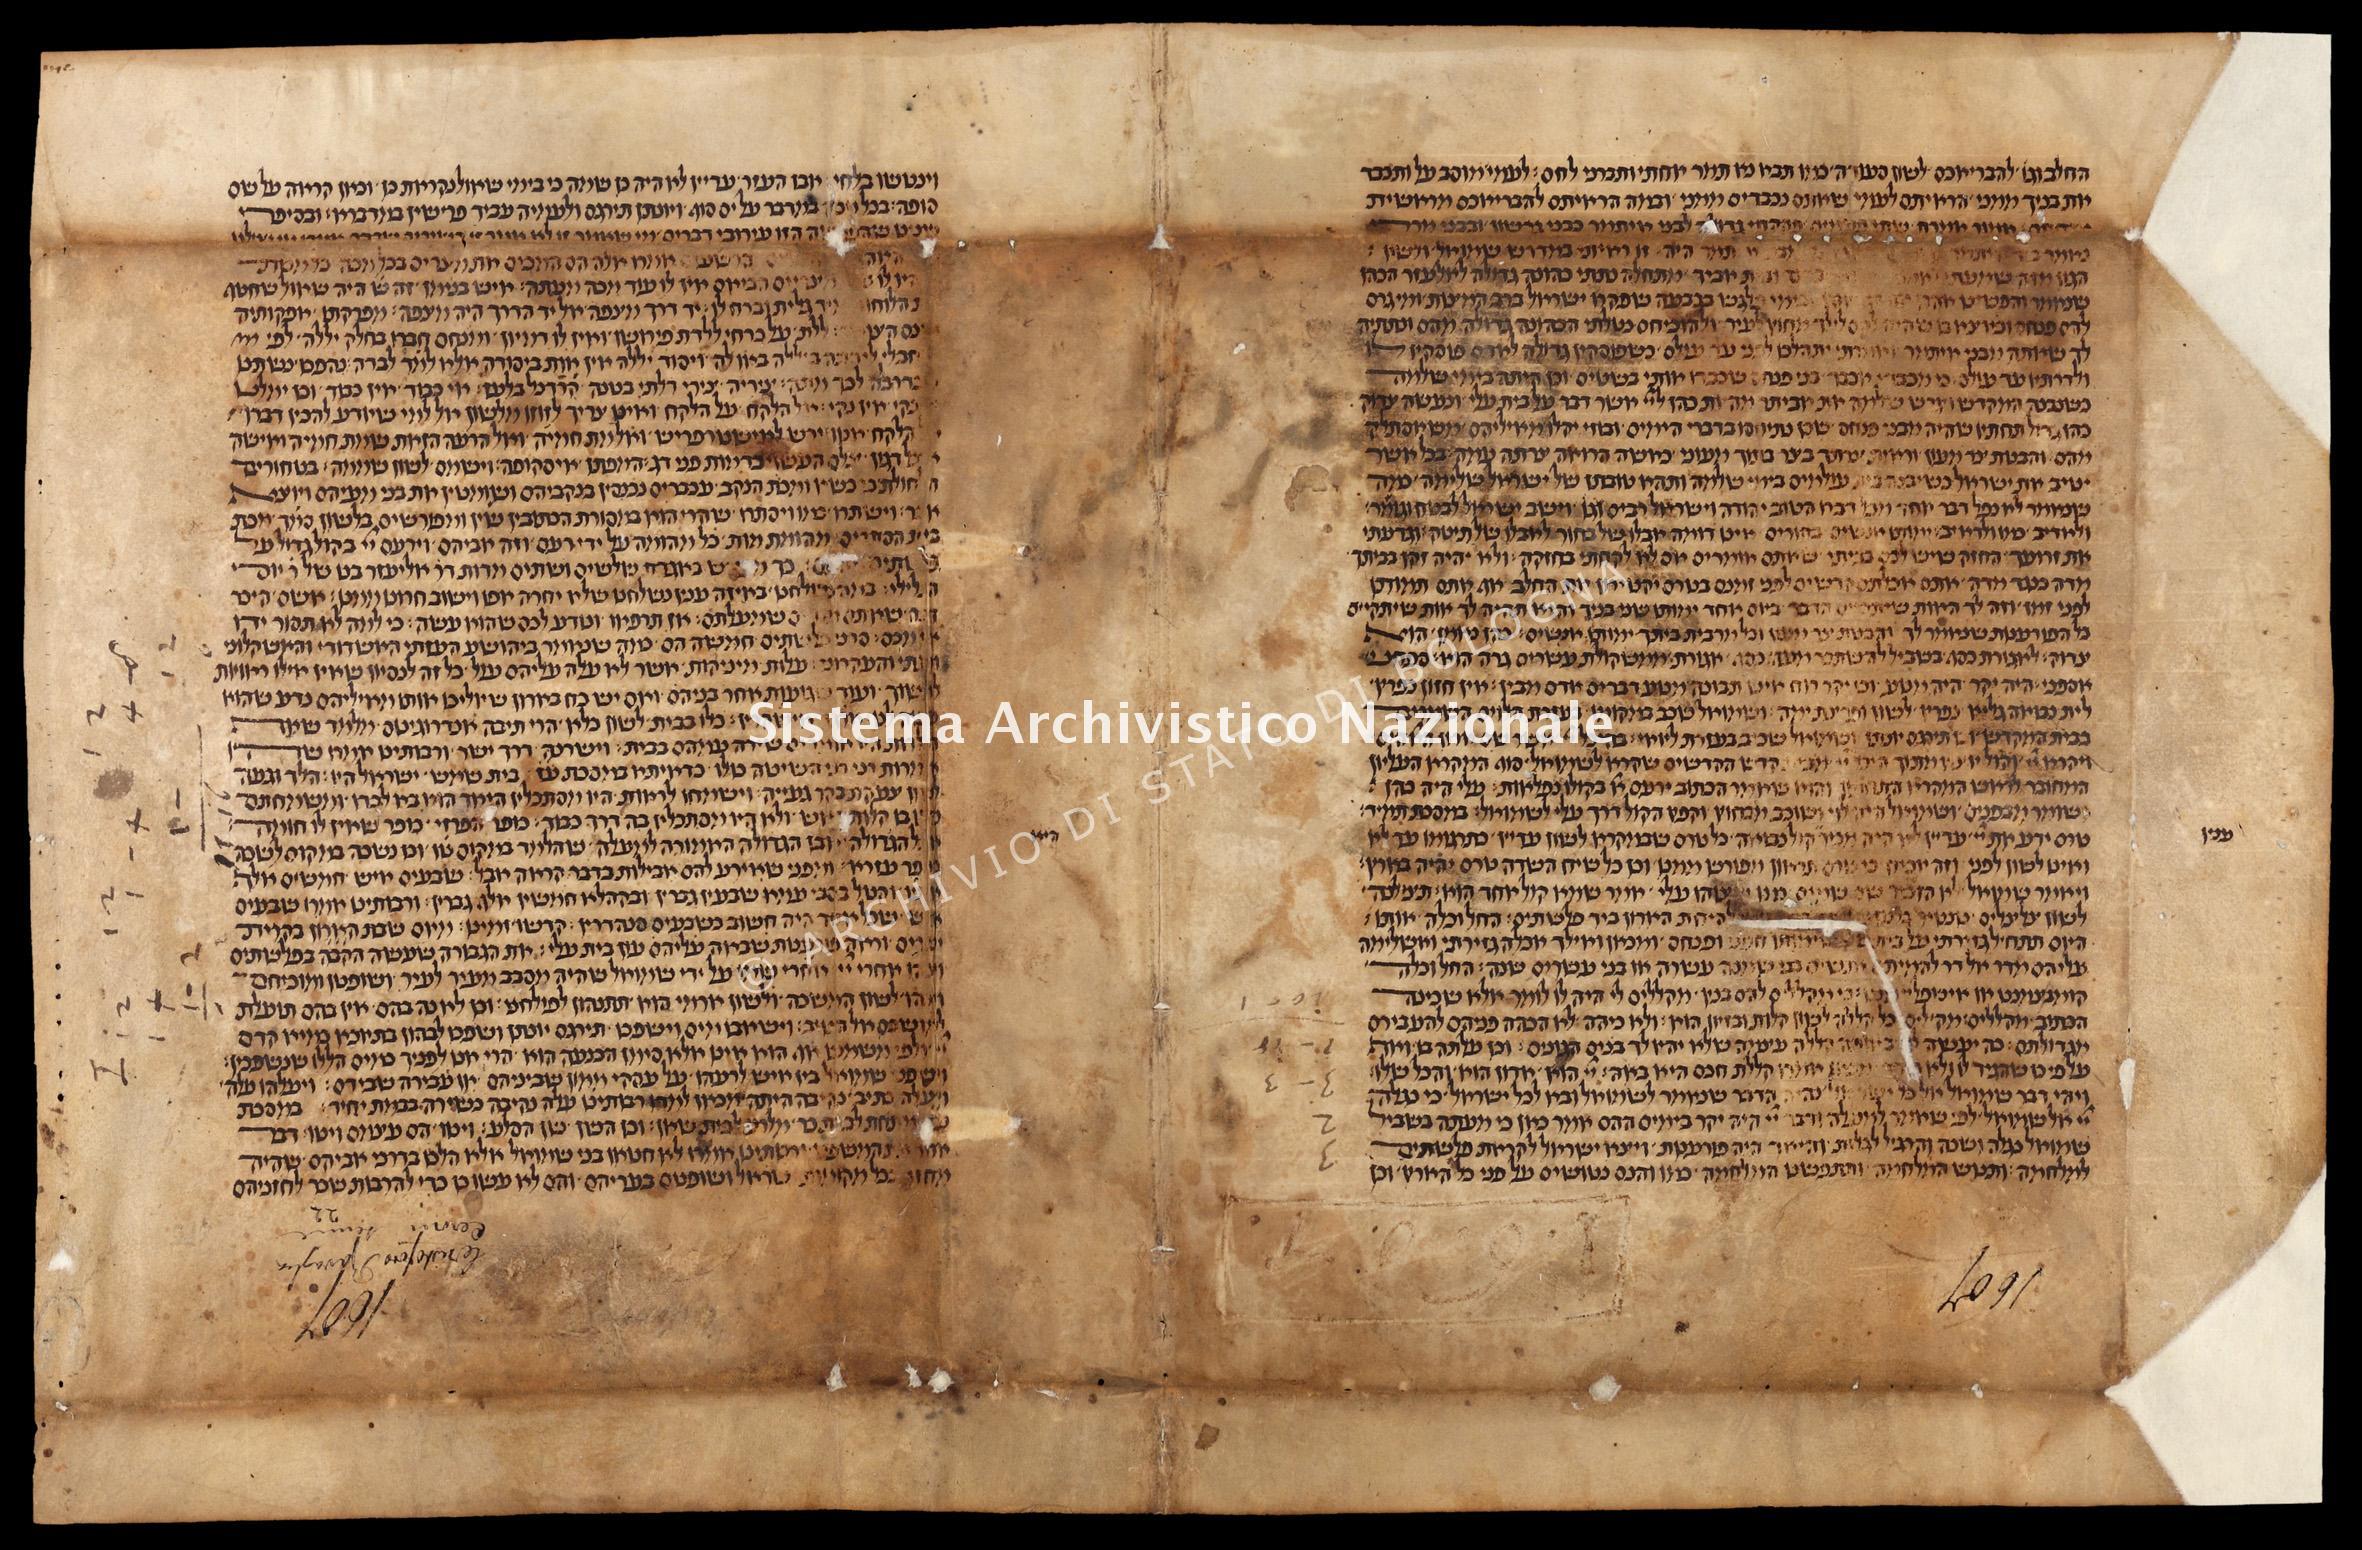 C.17.000, Archivio di Stato di Bologna, Frammenti di manoscritti, Frammenti di manoscritti ebraici, Frammento n. 475, verso